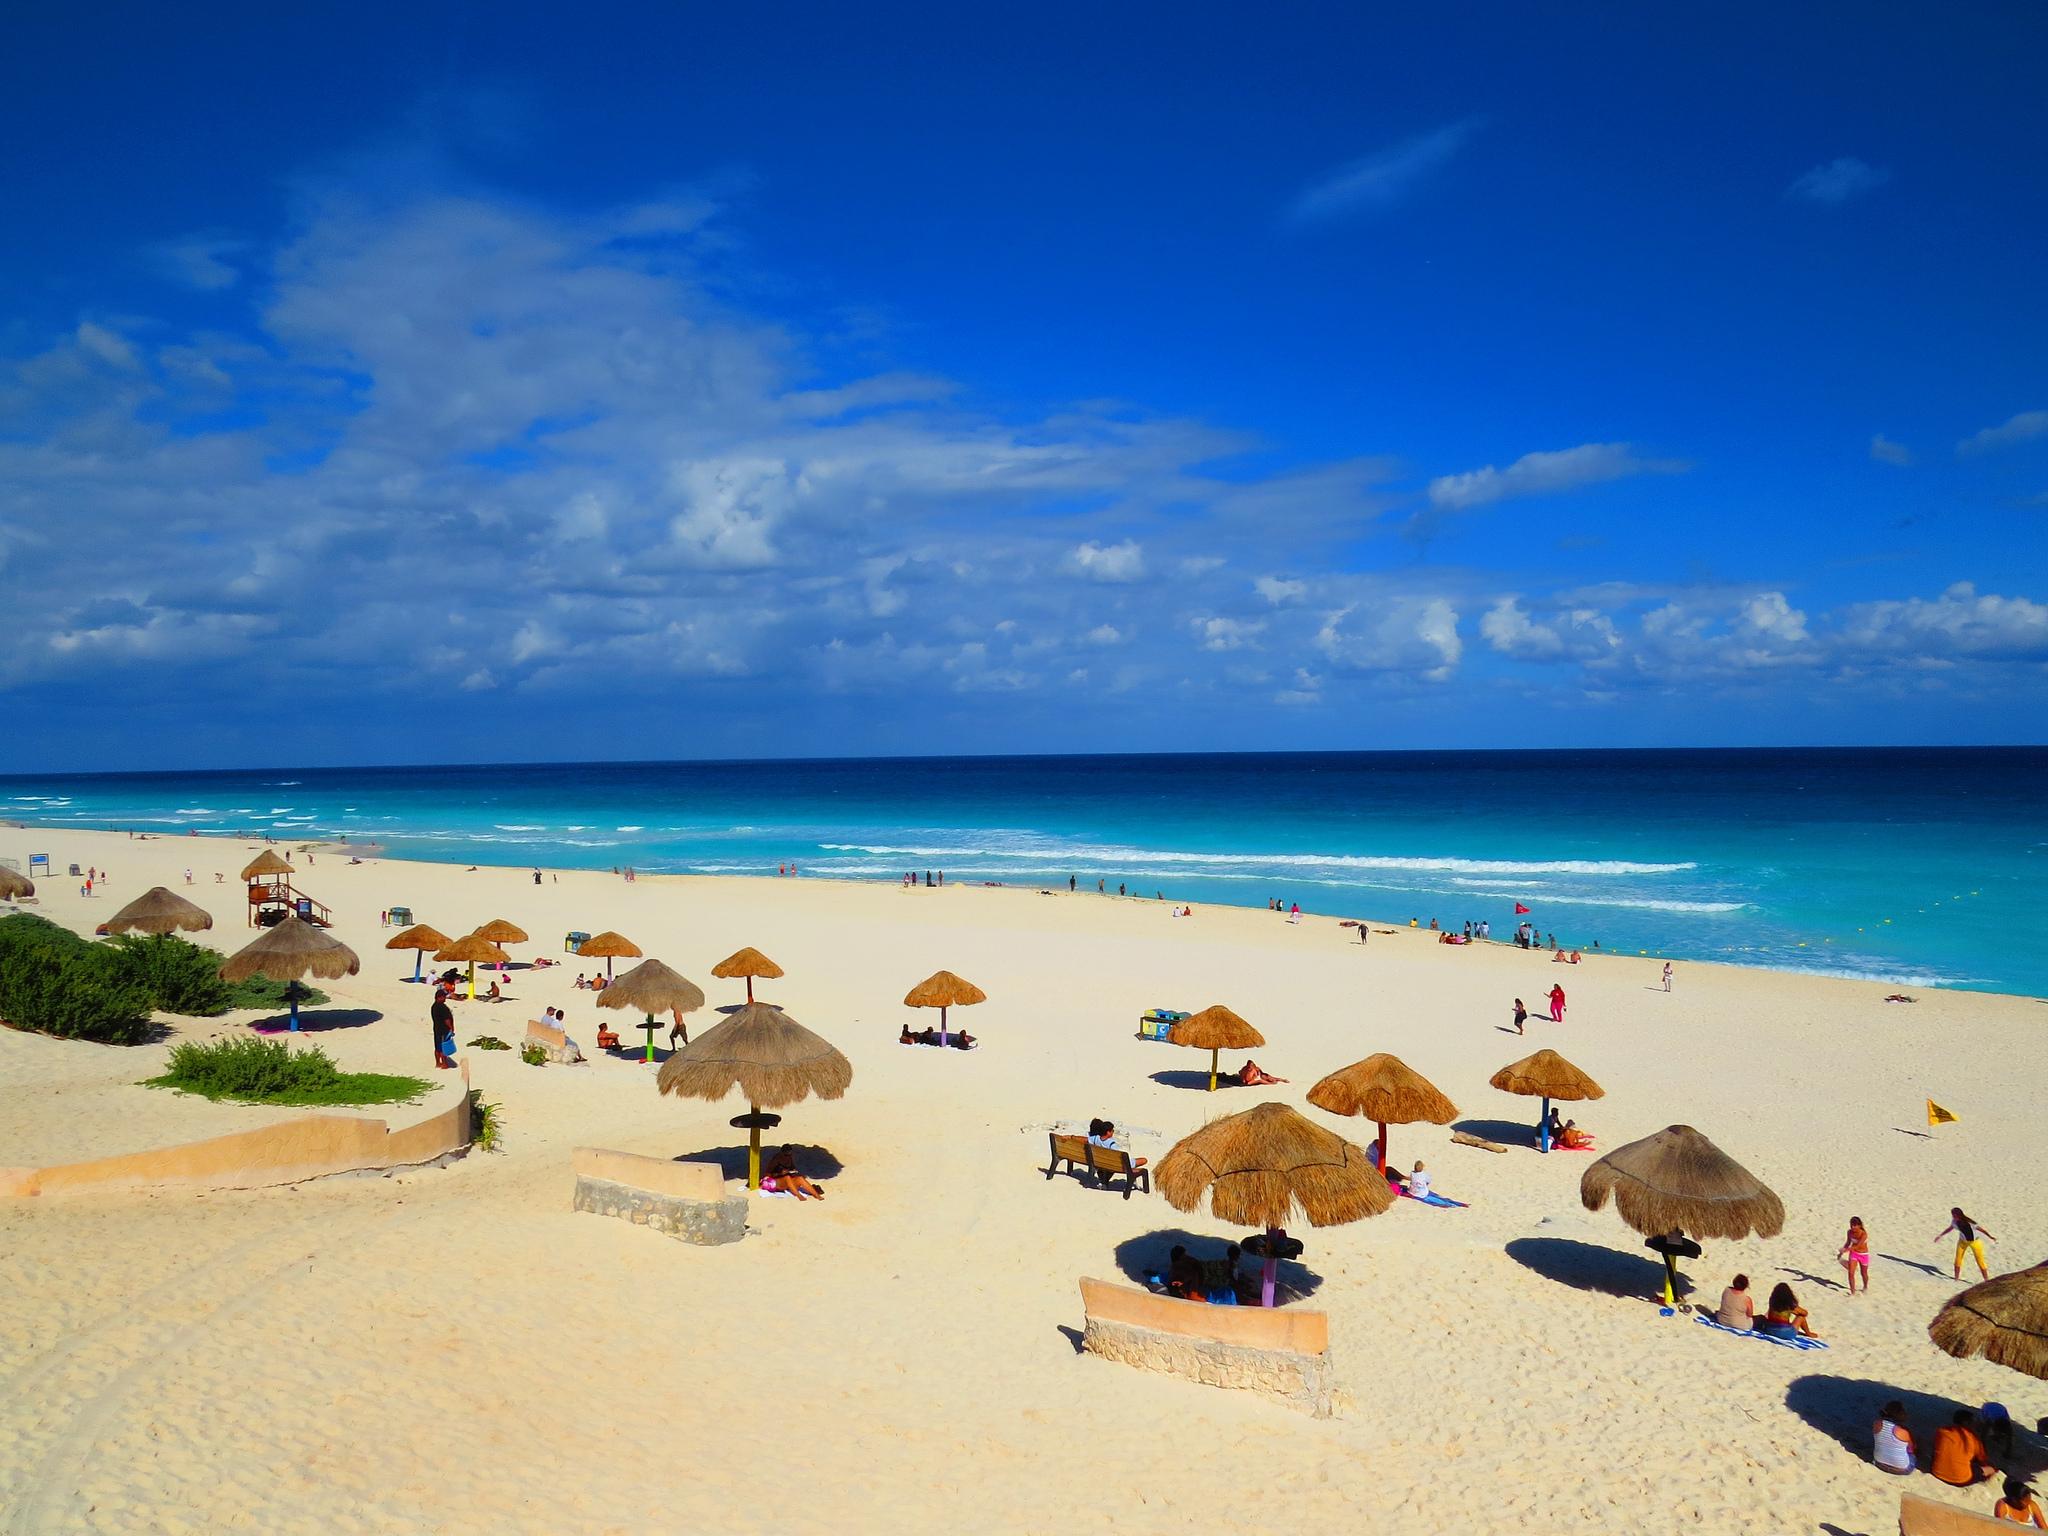 Zona turística de Playa Delfines 2